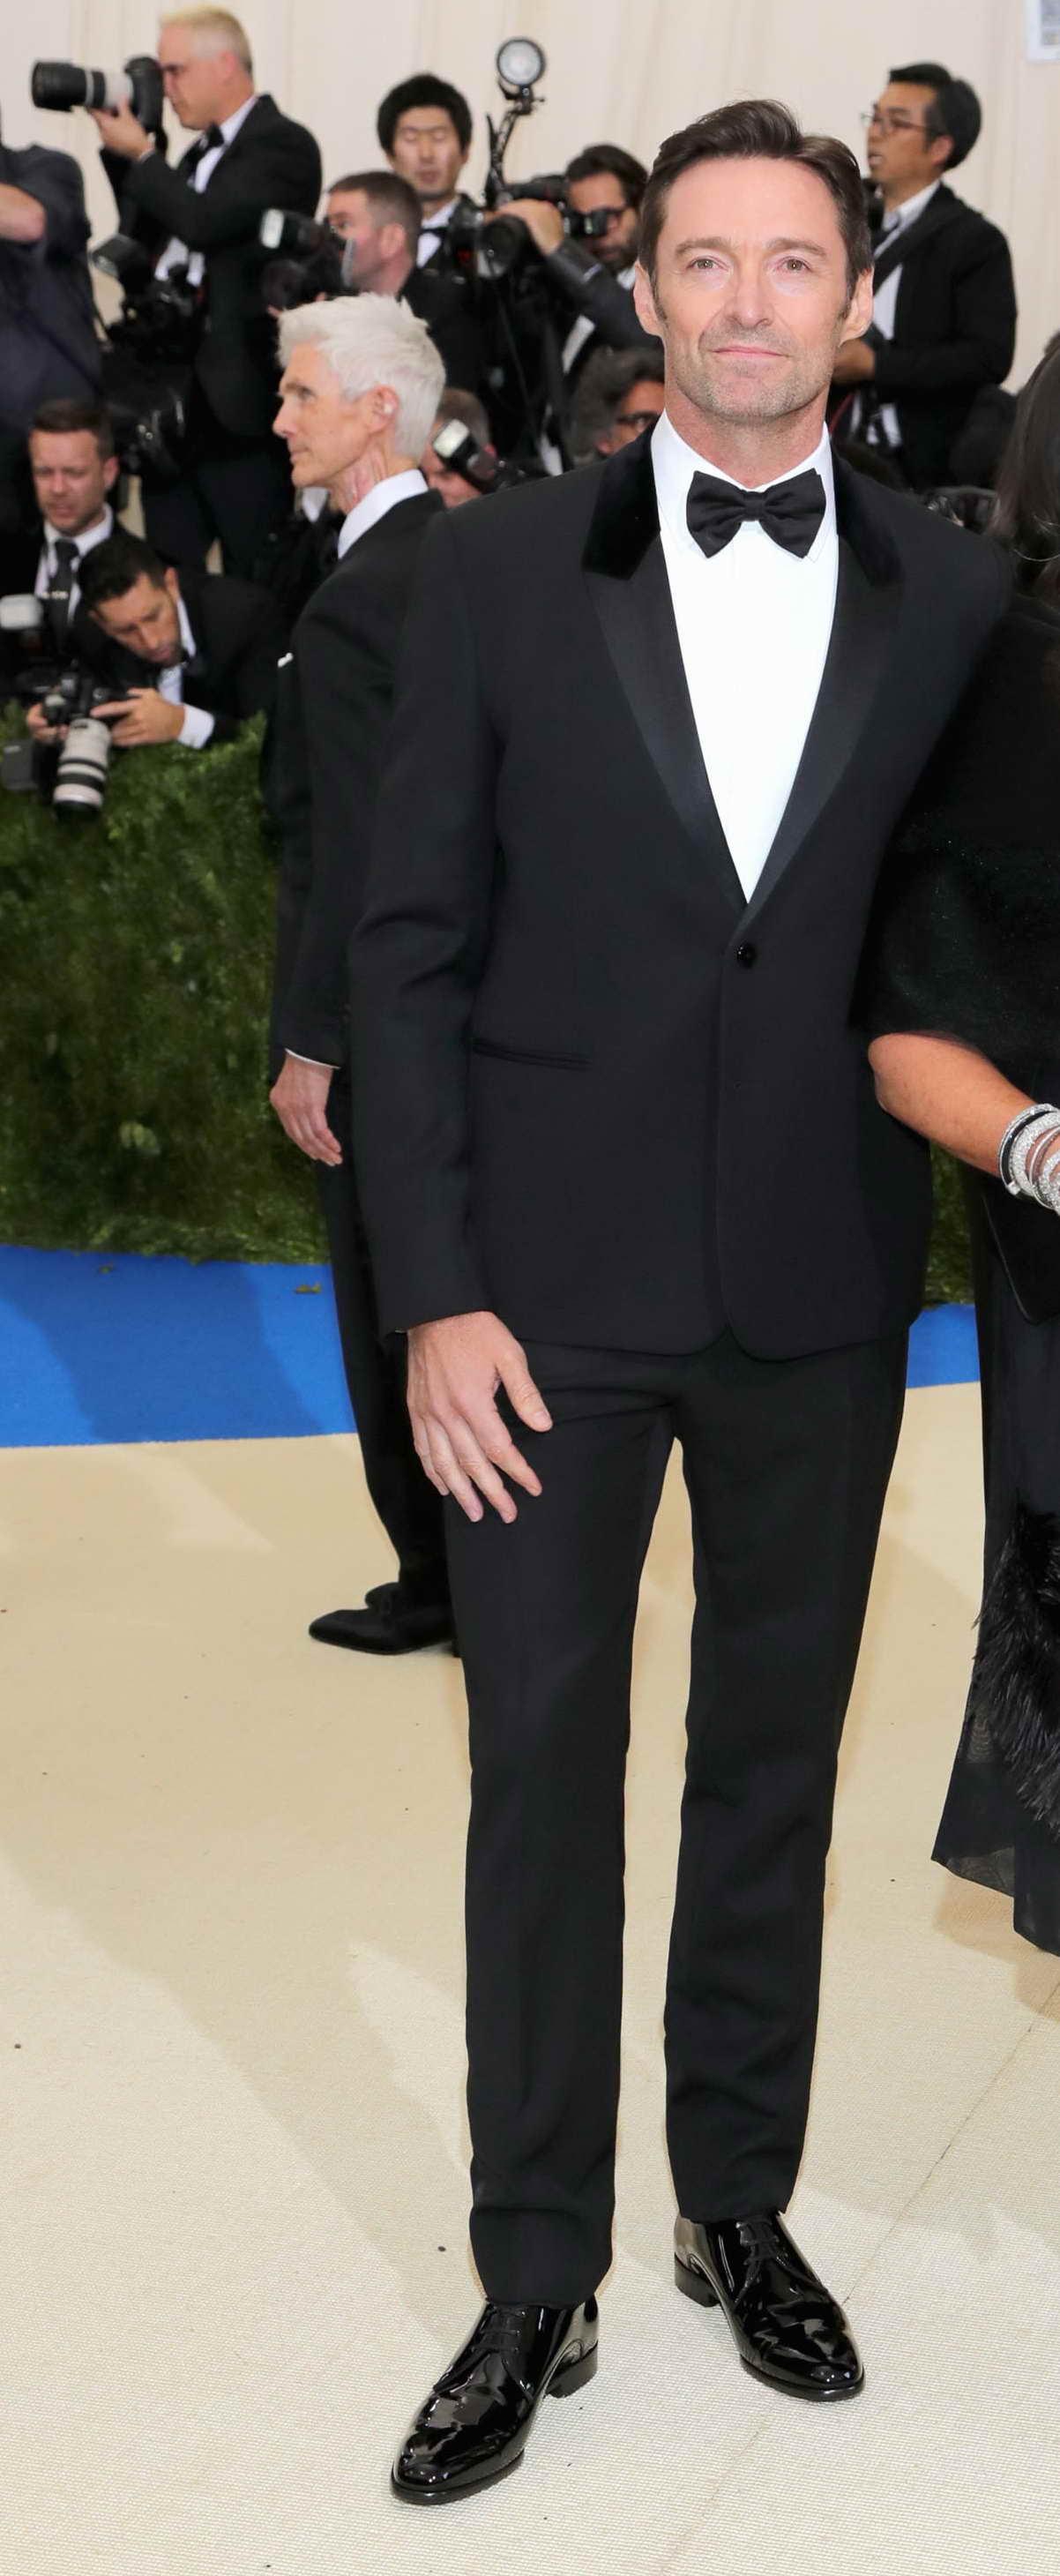 Nam diễn viên Hugh Jackman và Derek Blasberg cùng khẳng định phong độ lịch lãm với tuxedo đen truyền thống.